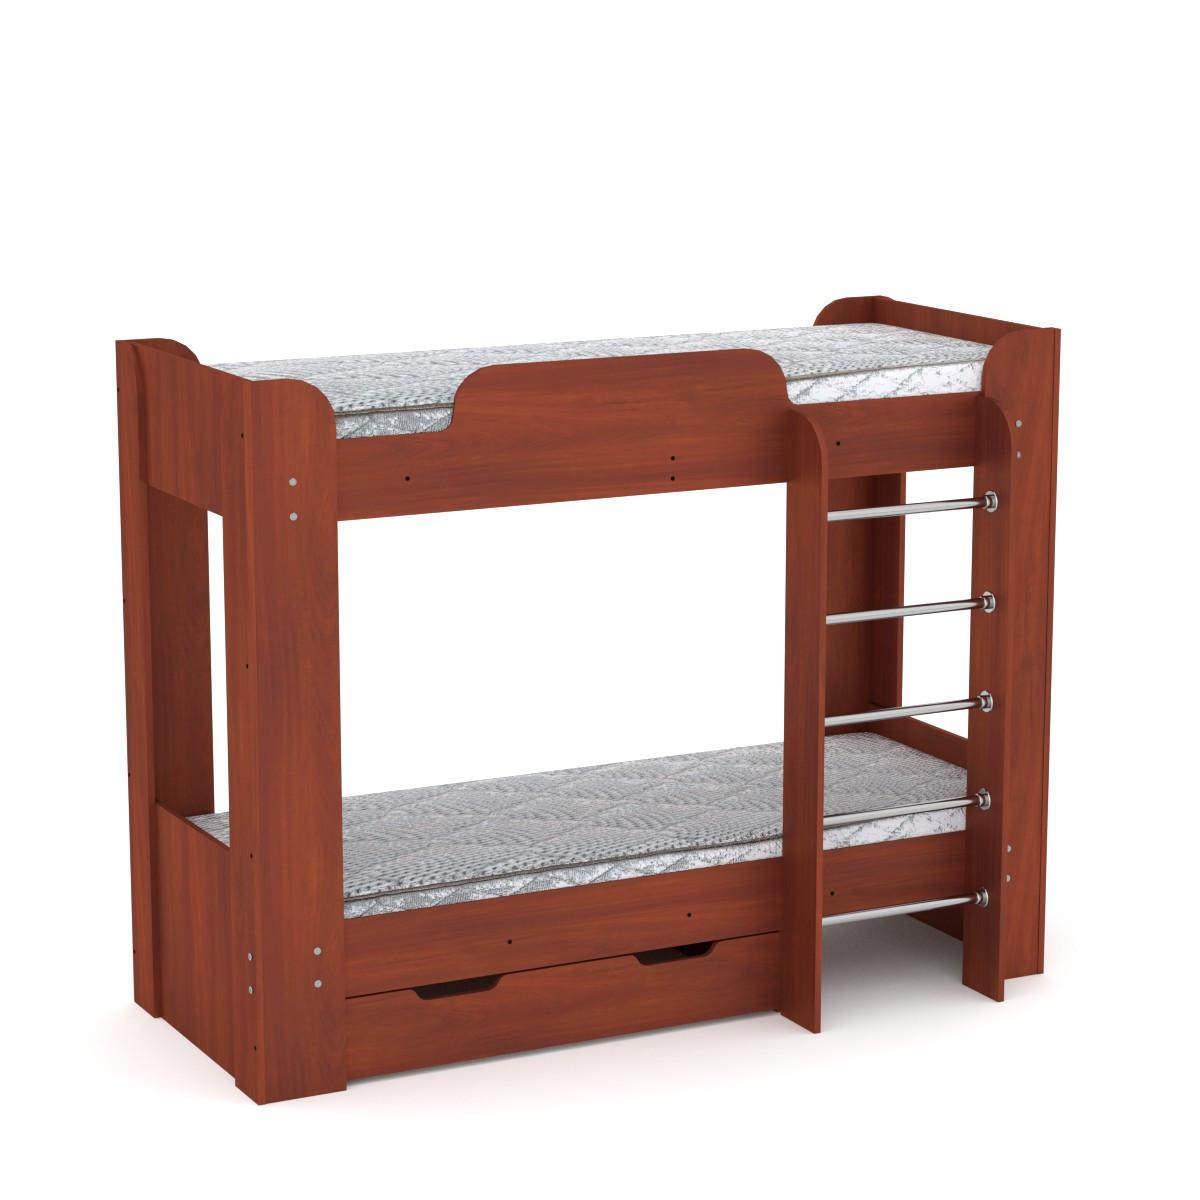 Кровать двухъярусная Твикс-2 Компанит Яблоня